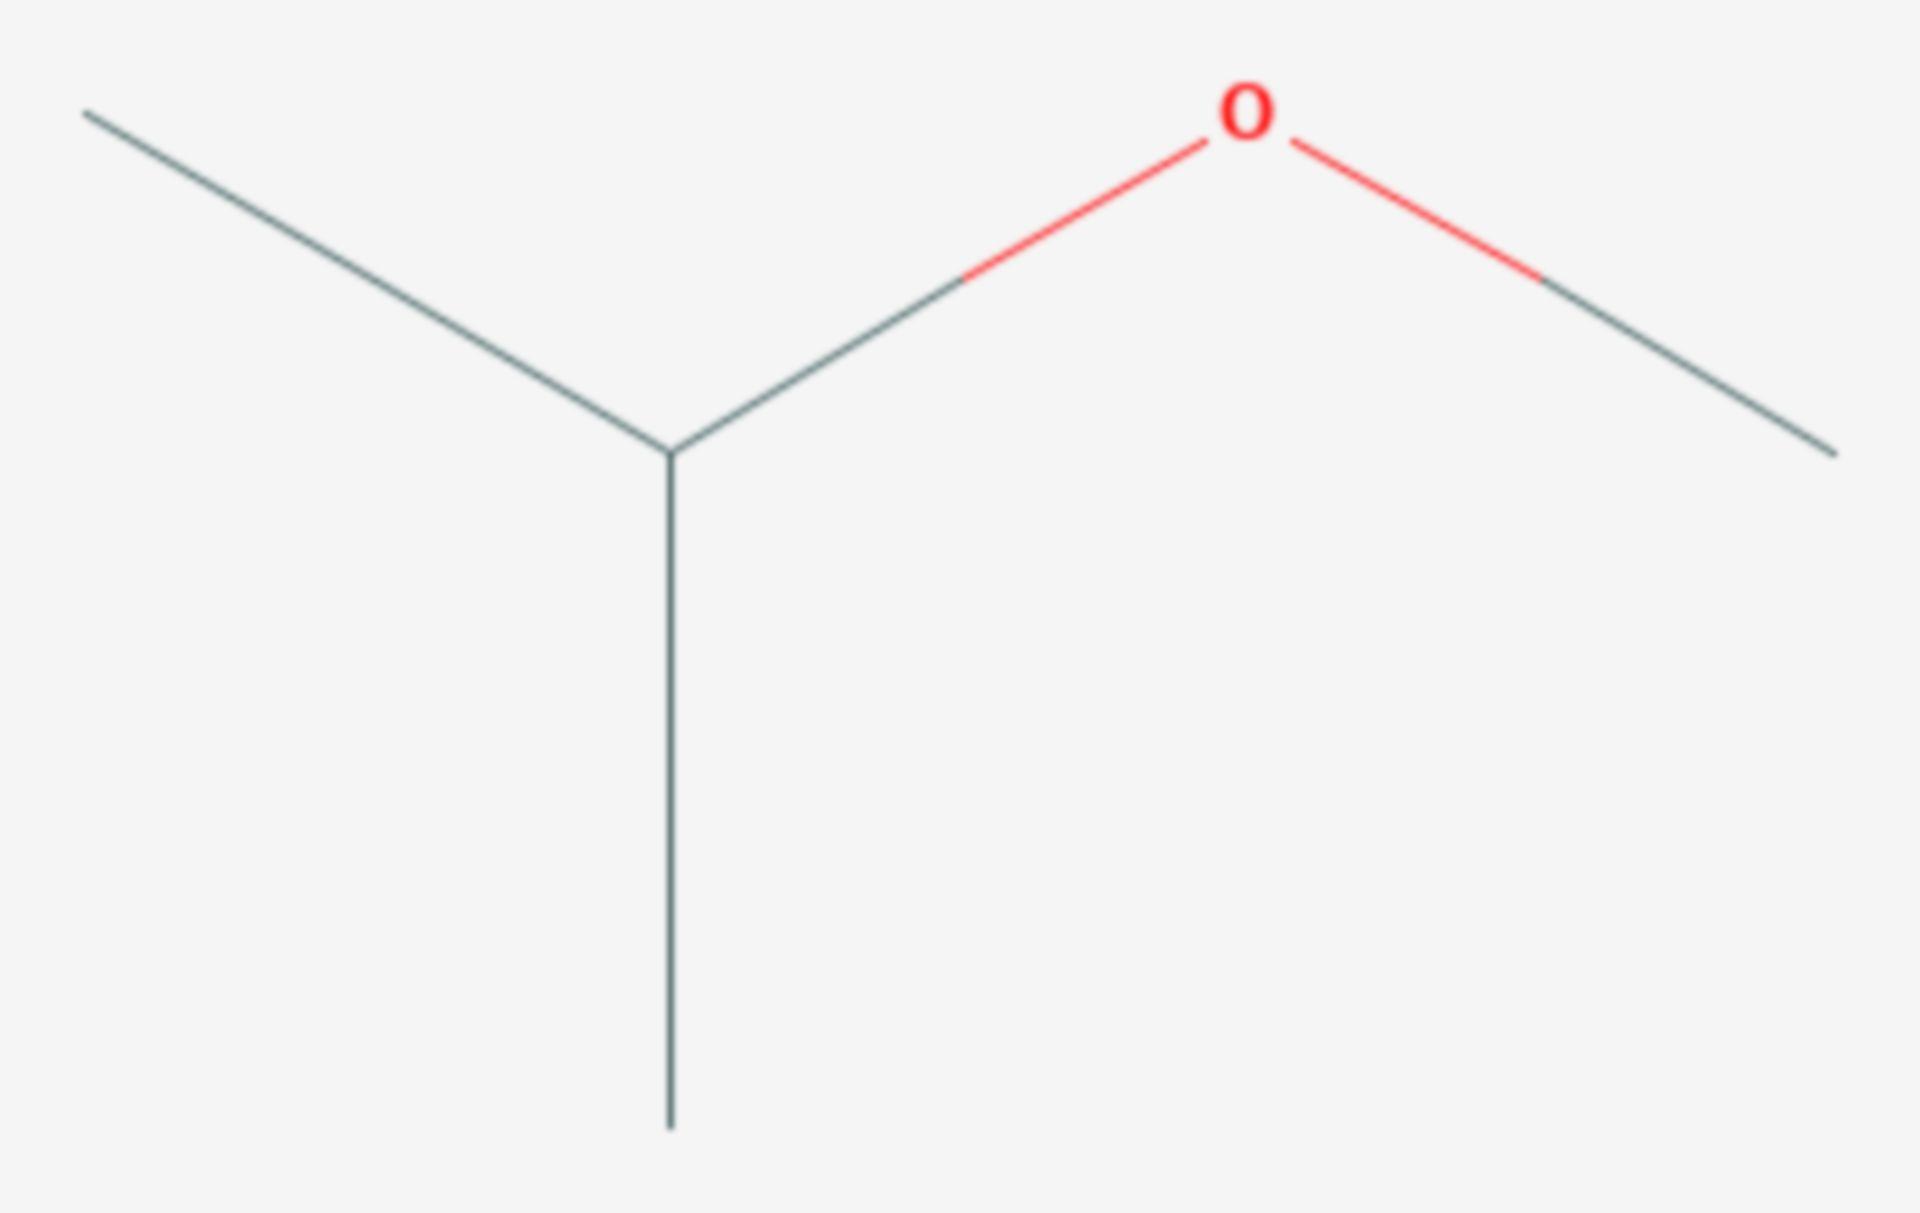 Methylisopropylether (Strukturformel)